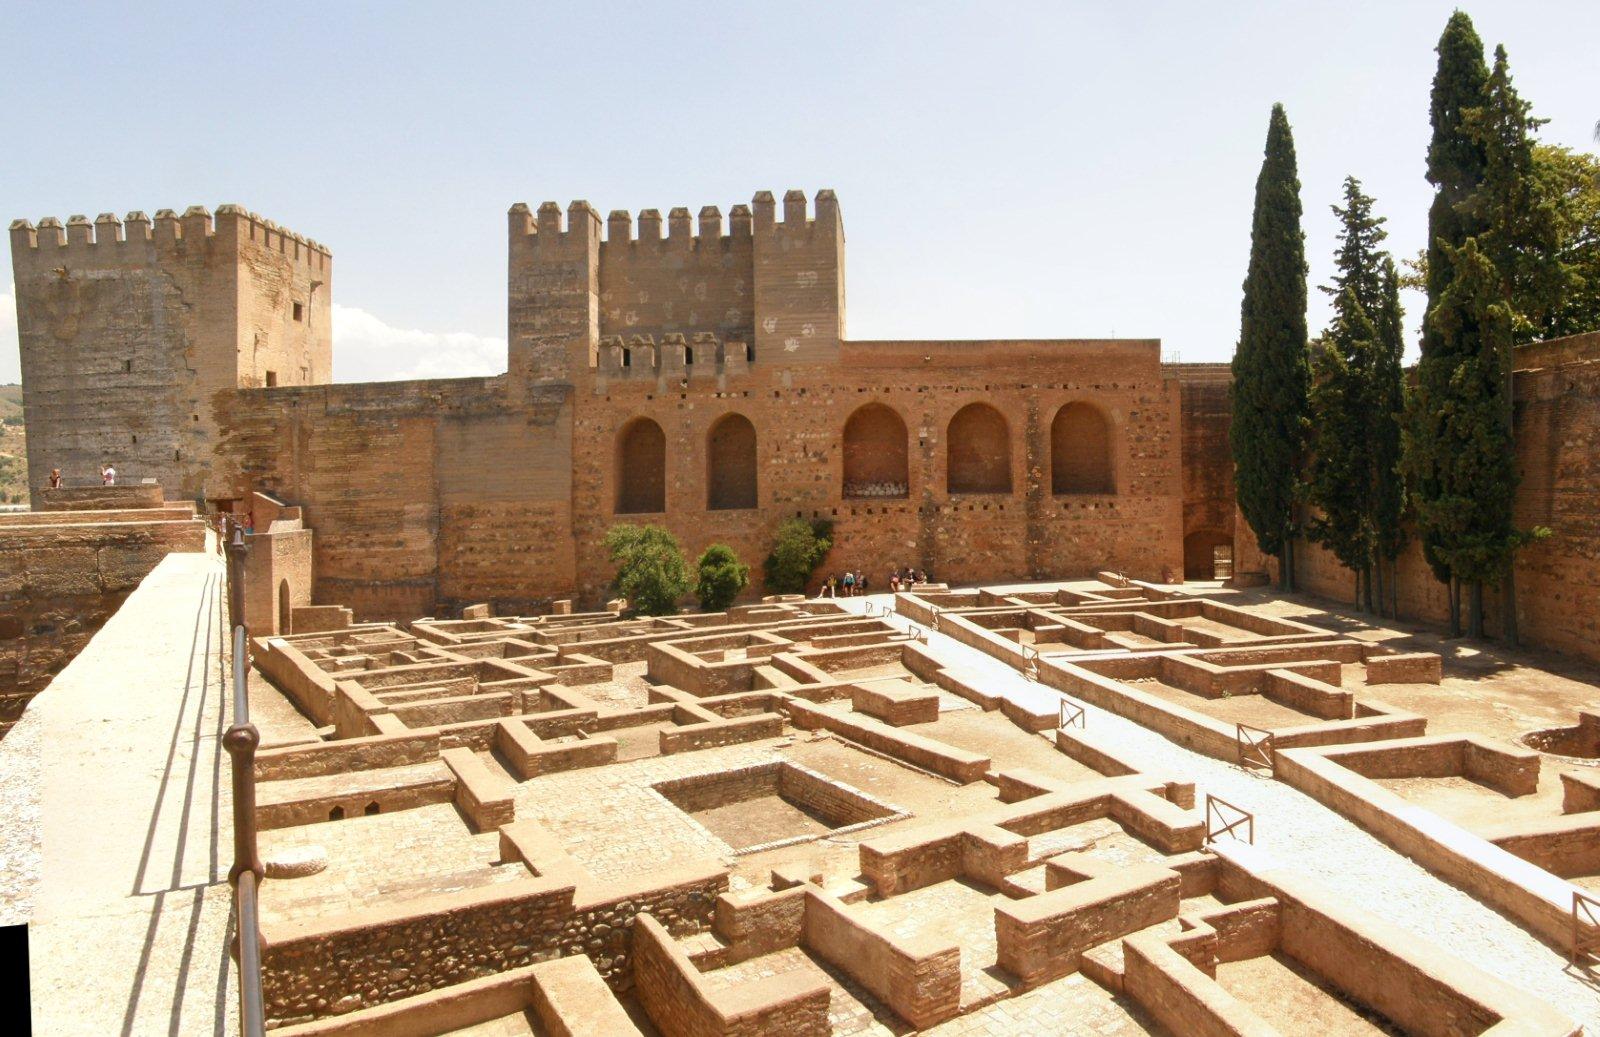 Partes de la Alhambra Alcazaba militar de Ciudad Palatina fortificada (La Alhambra)